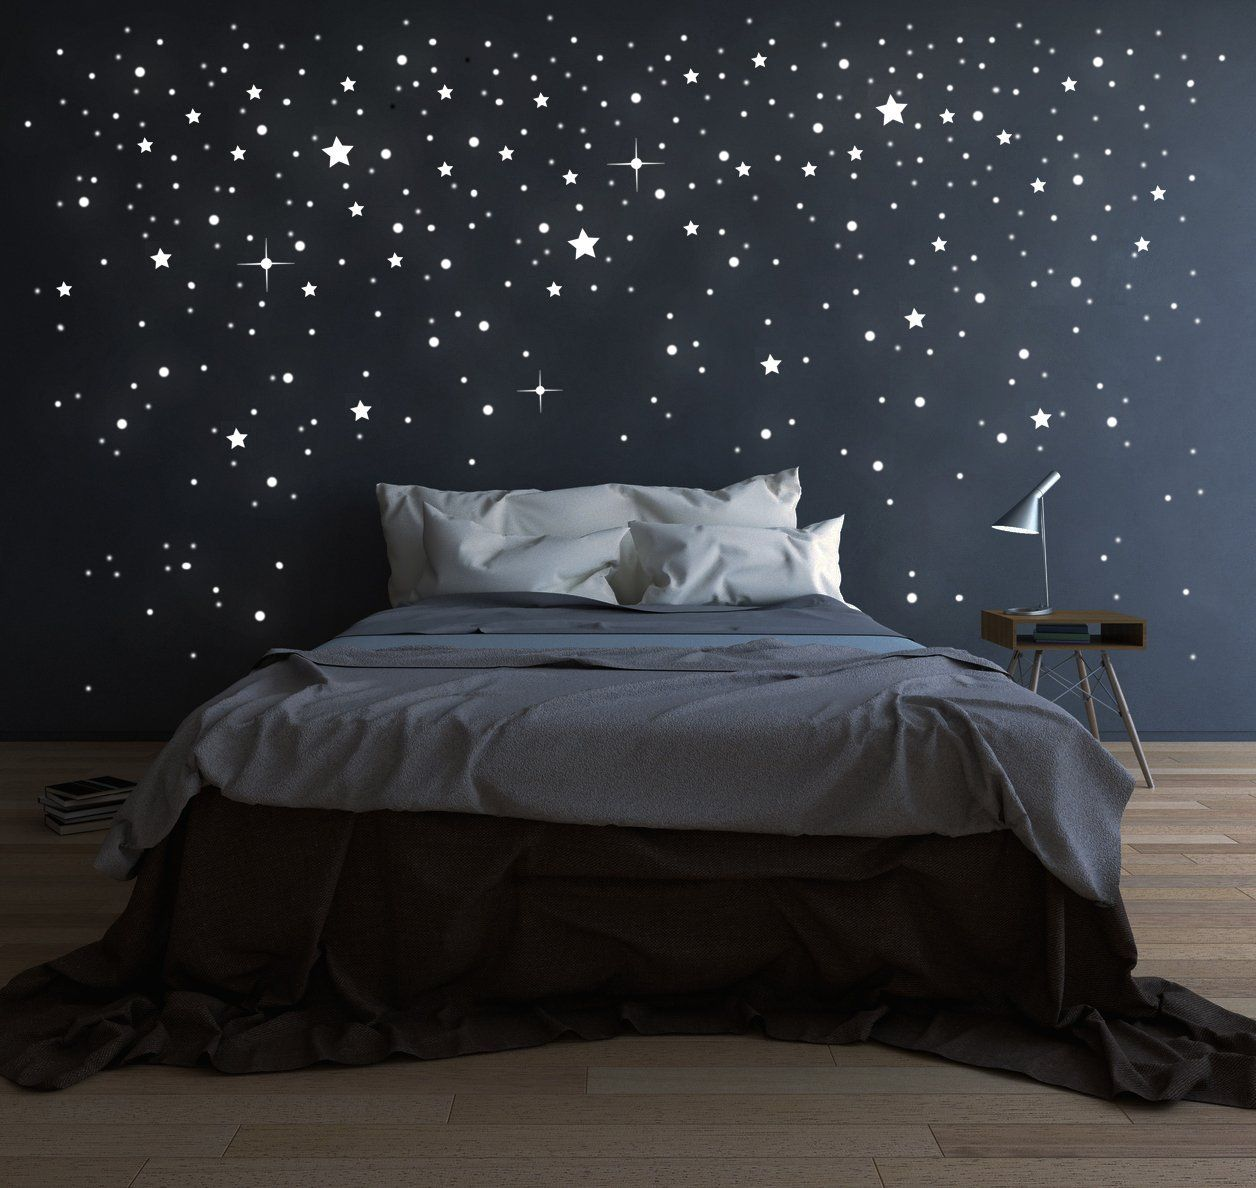 Riesen Sternenhimmel 708 Stk Sterne Wandtattoo